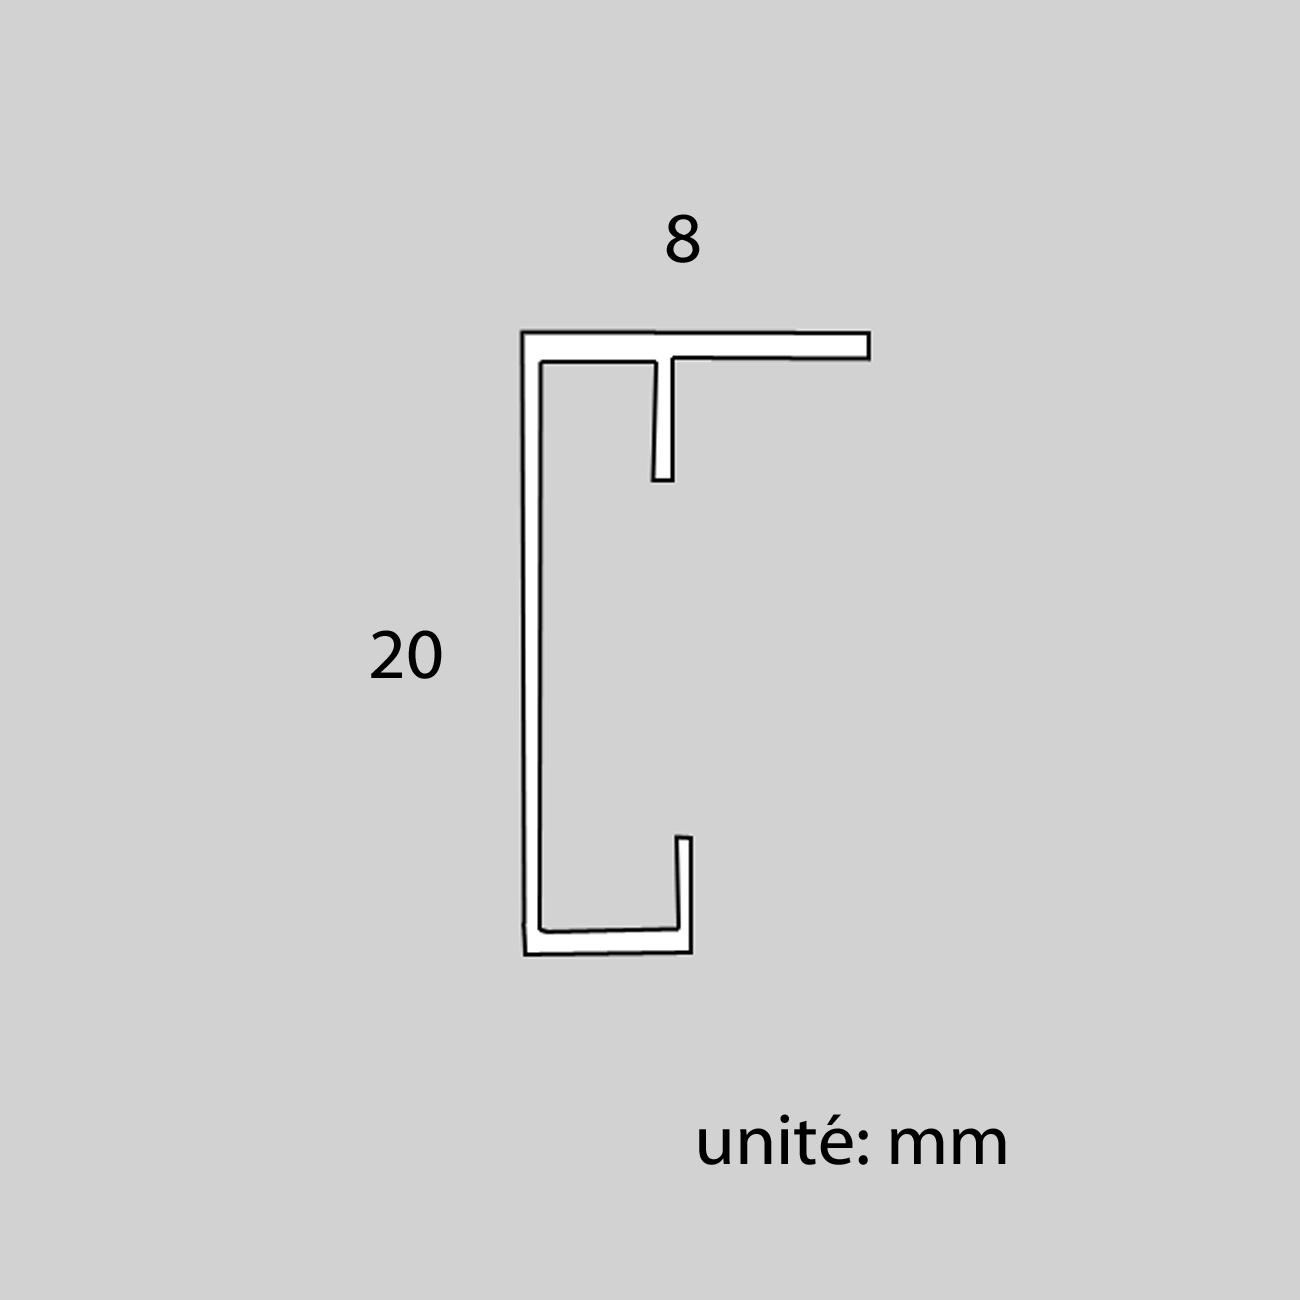 Cadre cadre complet de dimensions 13x18 cm, à suspendre. plexi une face normale, une face anti reflet. attache horizontale et verticale. montage et démontage rapide par ressort. fond en isorel. - 13x18